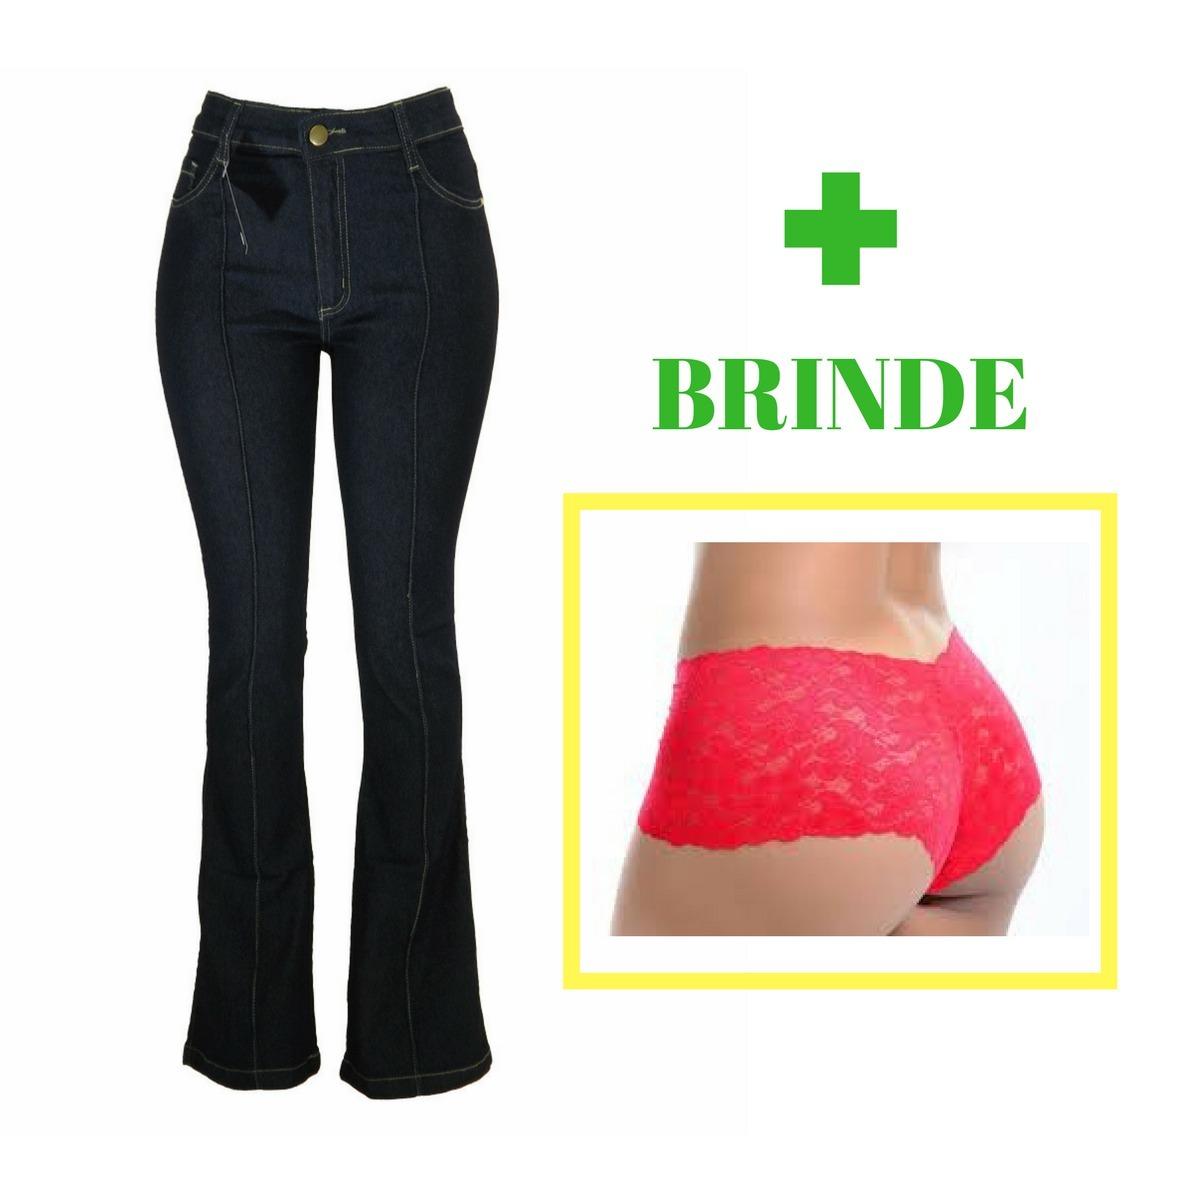 01e213a20 calça jeans feminina flare skinny cós alto tamanho 36 brinde. Carregando  zoom.